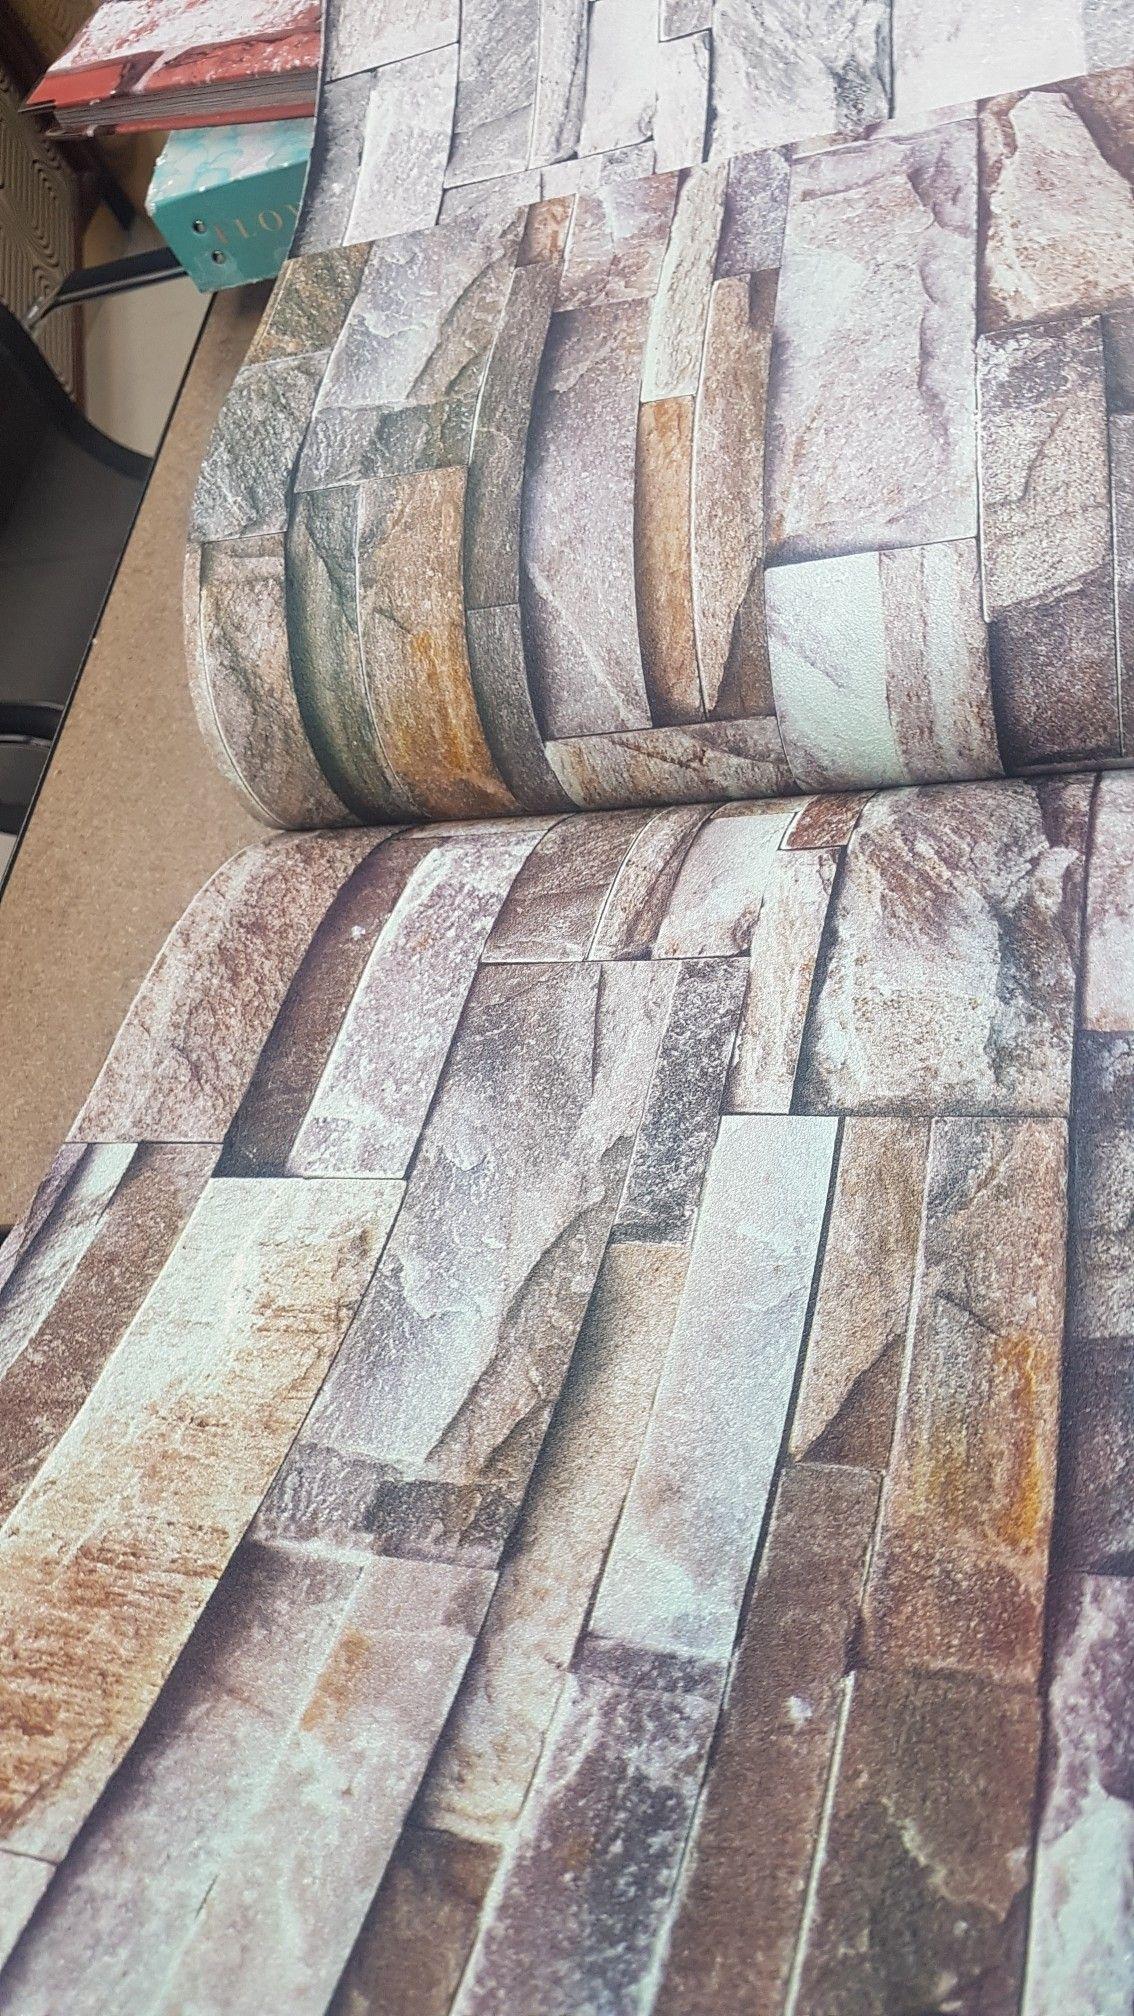 محمود الجاسم للتعهدات والديكور في لبنان للتواصل الاتصال بالرقم 0096171170181 تعهدات ديكورات شركة تنفيذ دي Modern Floating Shelves Floating Shelves 3d Wallpaper